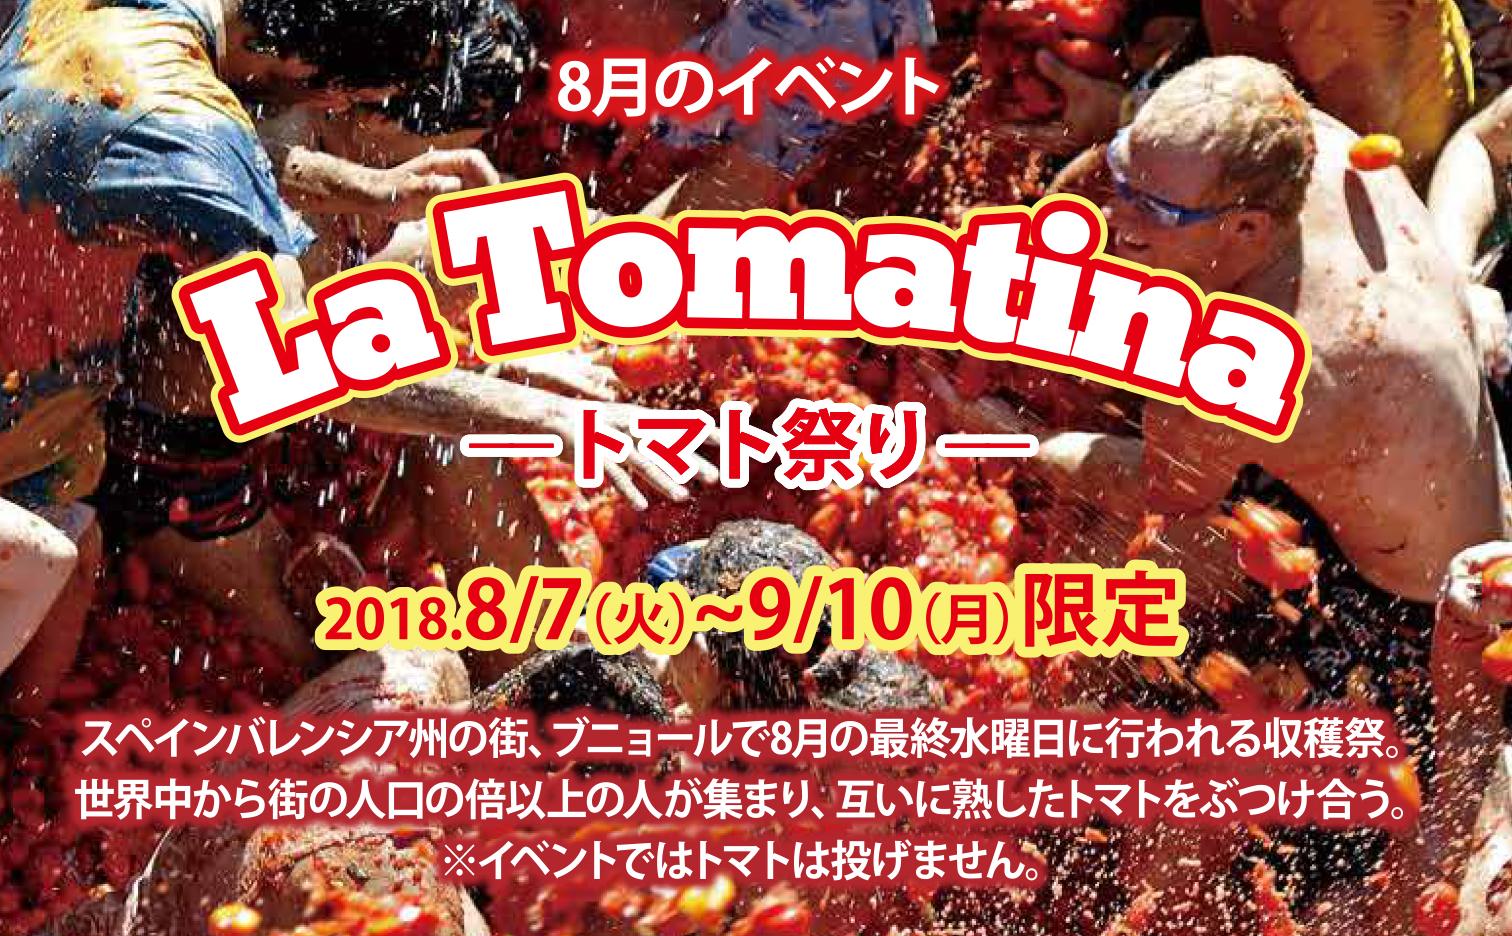 暑いので期間拡大!ラ・トマティーナ(トマト祭り)